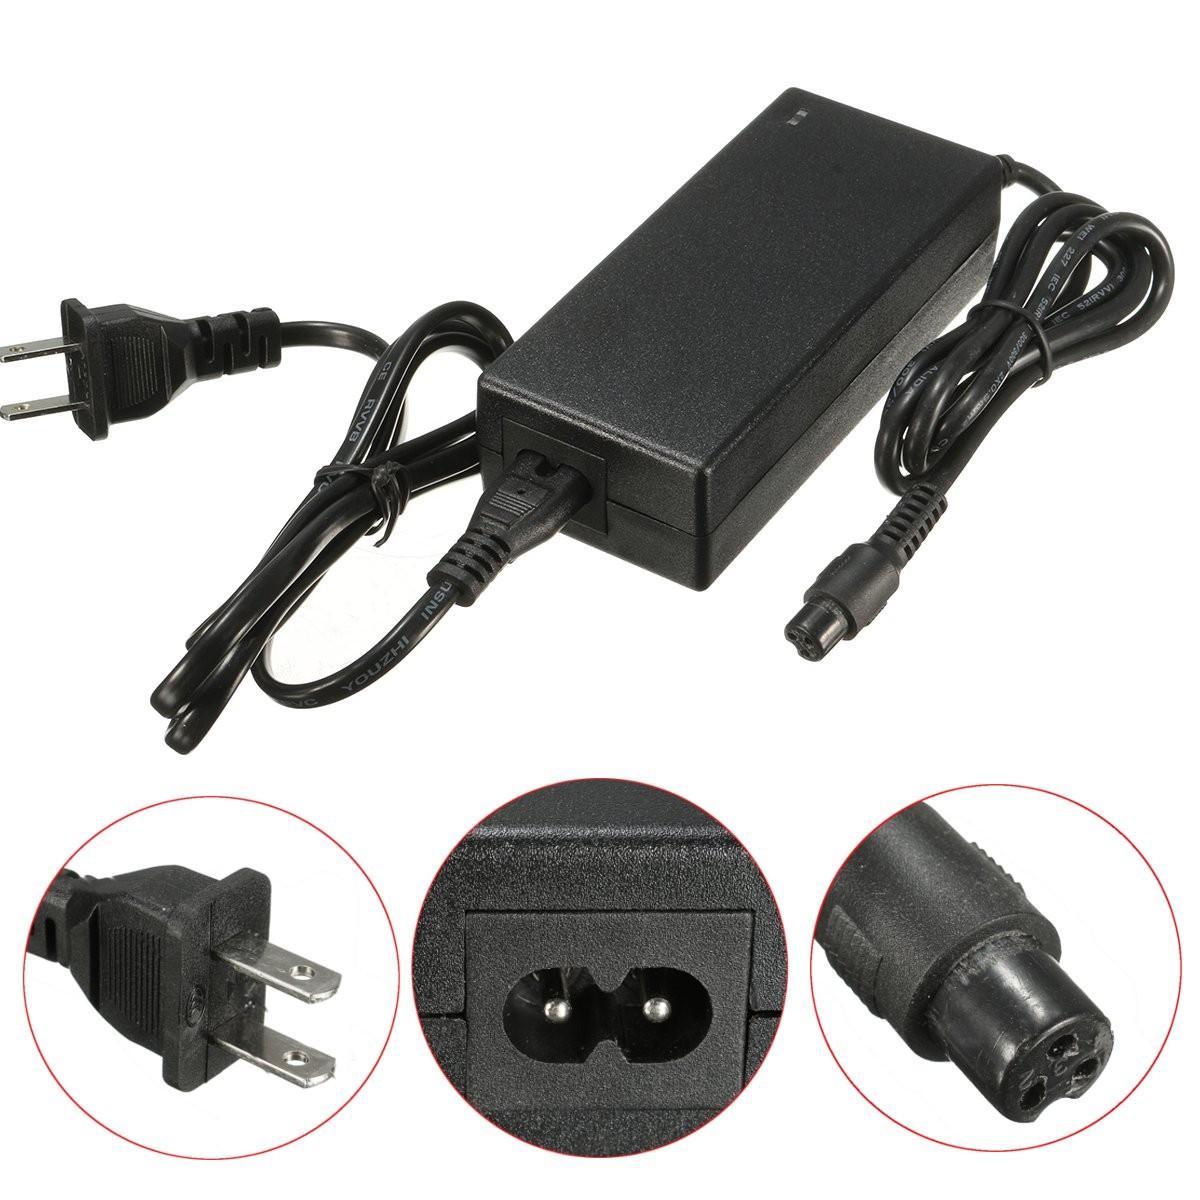 Адаптер#and#nbsp;питания постоянного тока Батарея Зарядное устройство для Smart Electric Balance Scooter